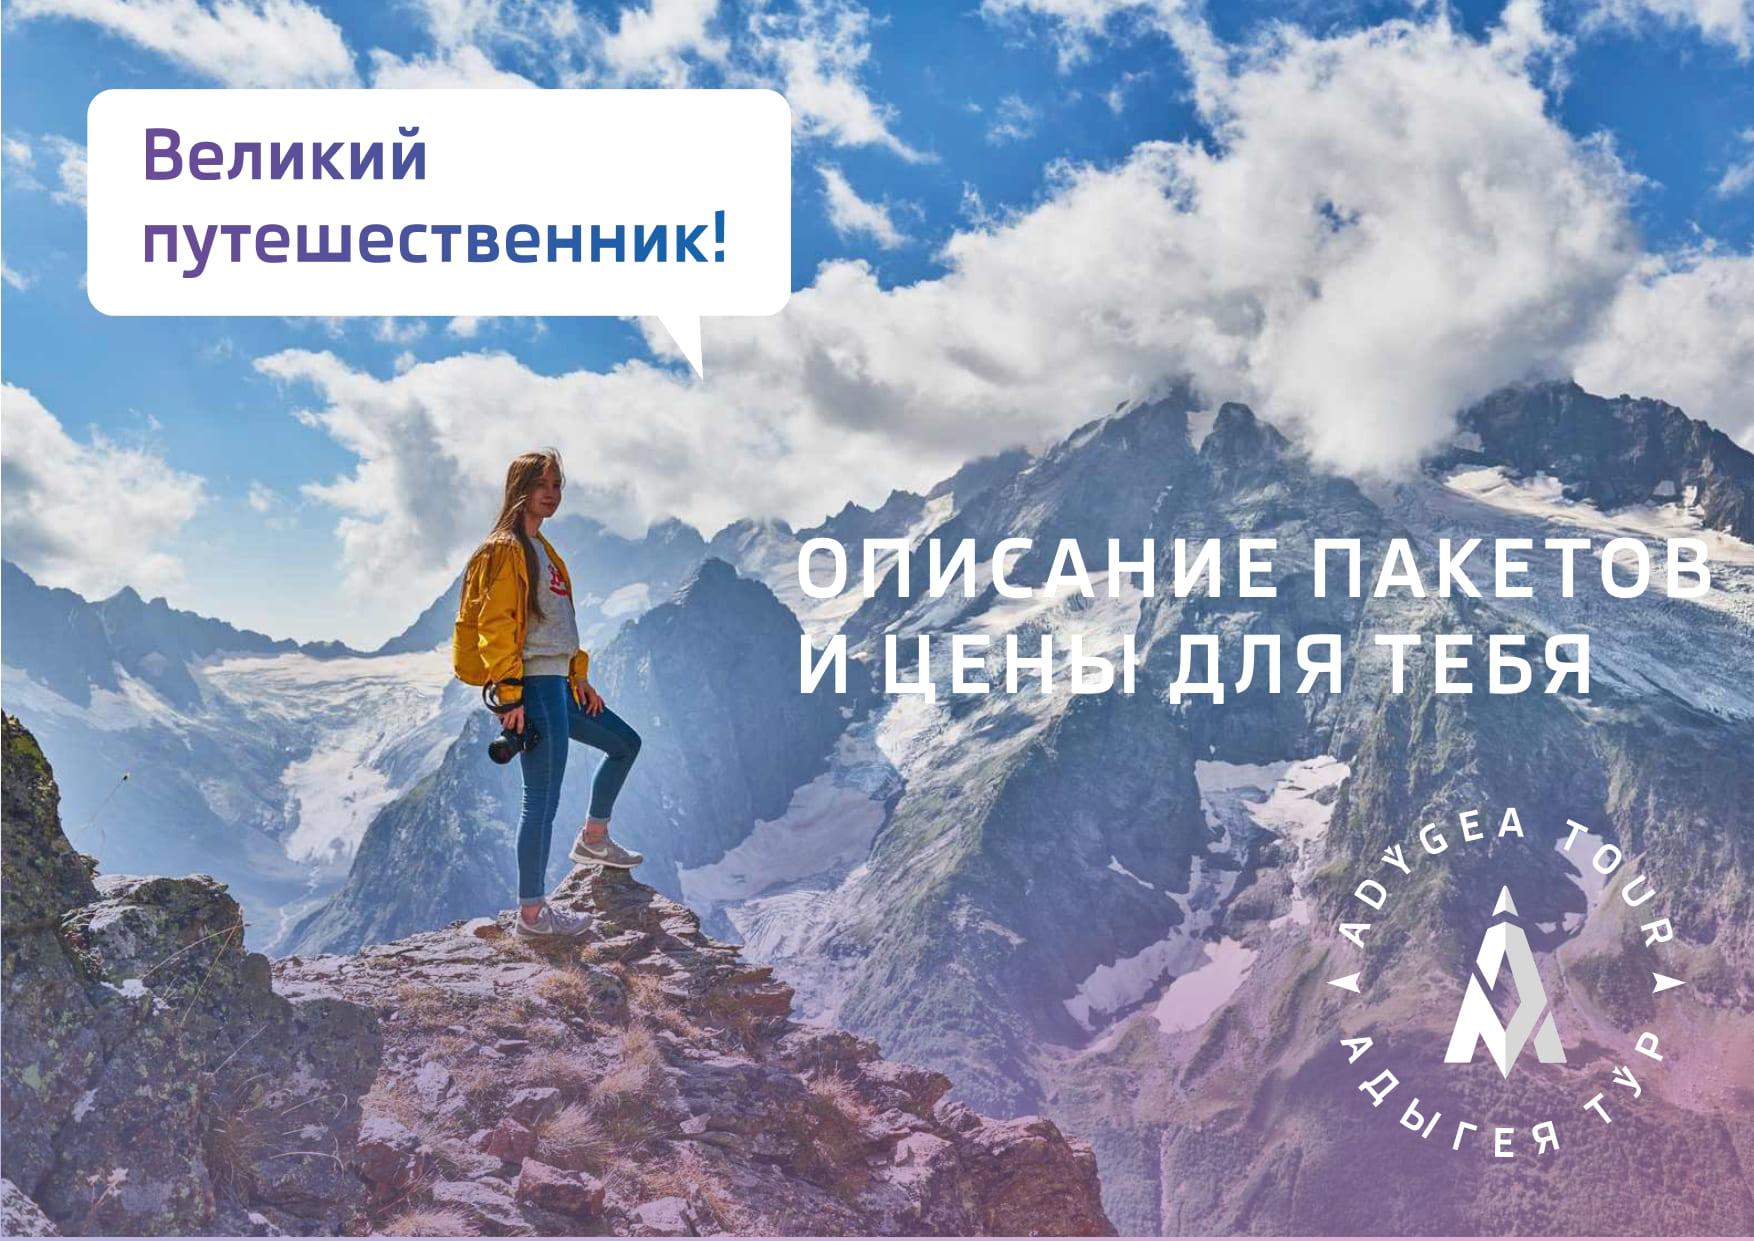 Адыгея активный тур_compressed (4)_page-0019